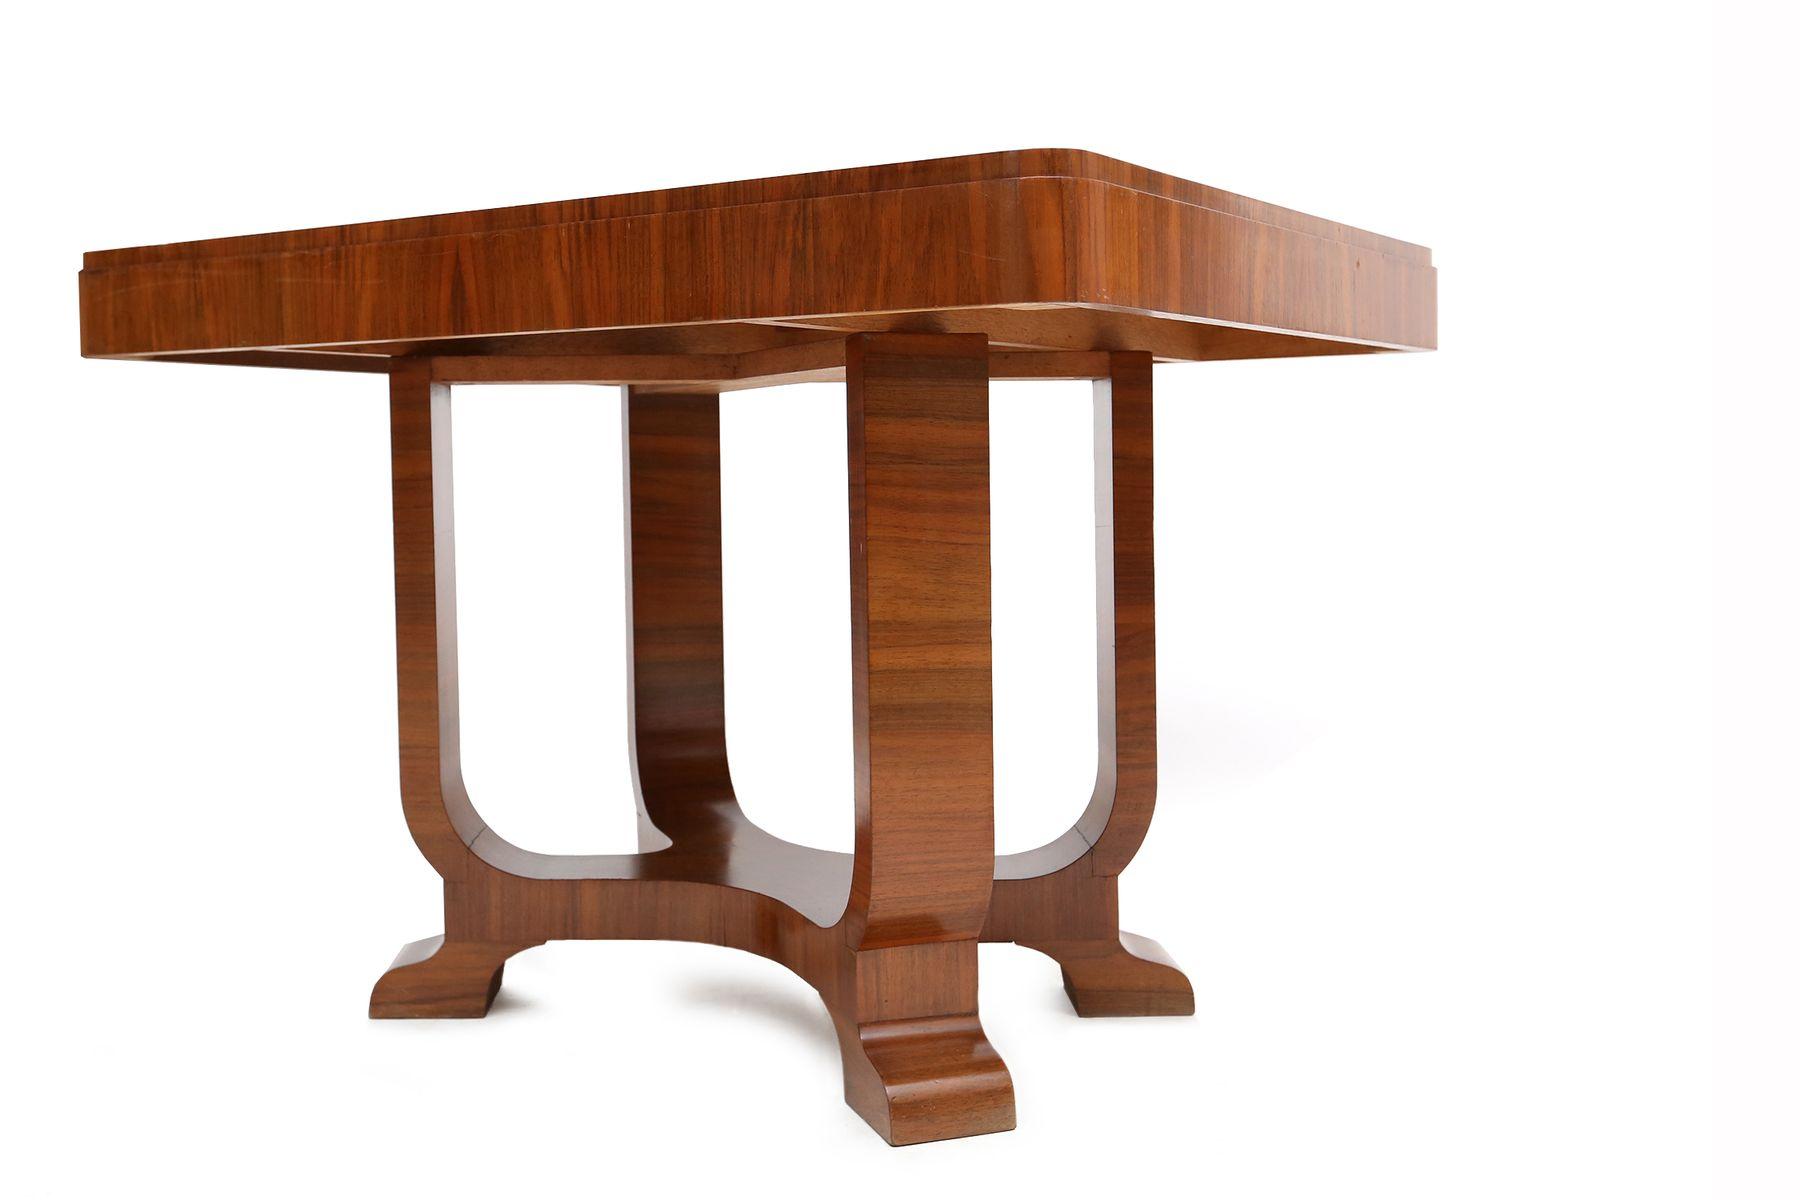 Art Deco Tisch Kaufen : Französischer Art Deco Palisander Tisch, 1950er bei Pamono kaufen